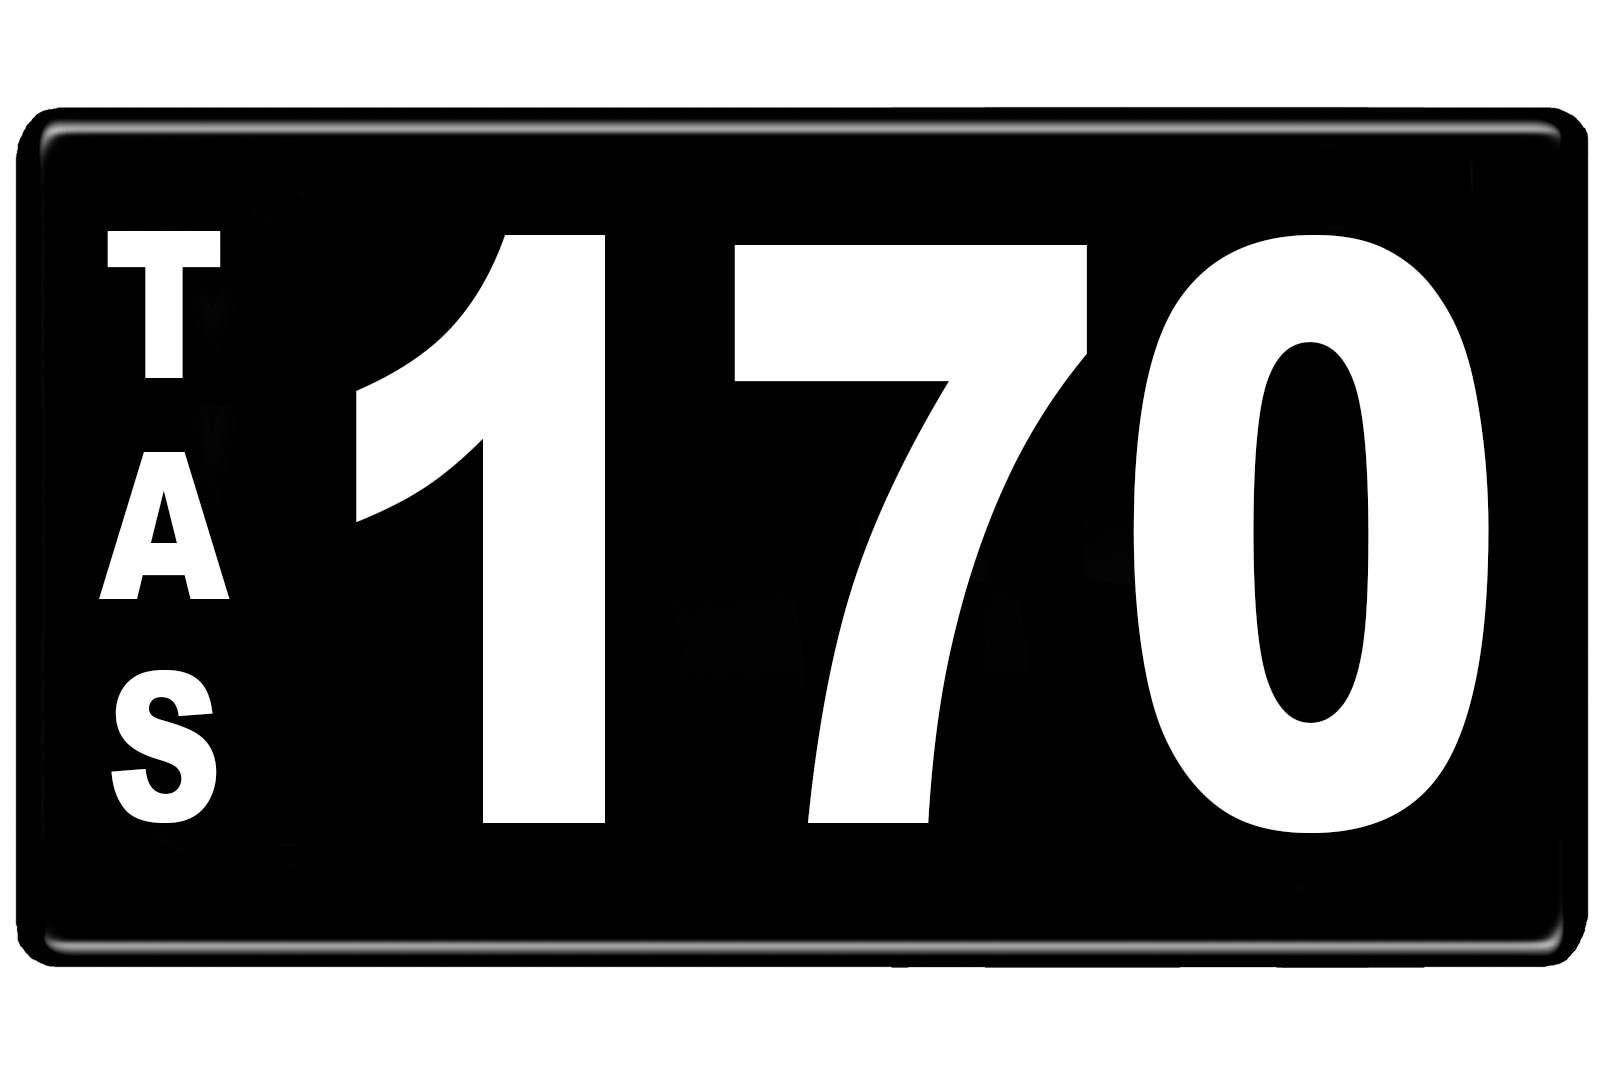 Number Plates - Tasmanian Numerical Number Plates '170'